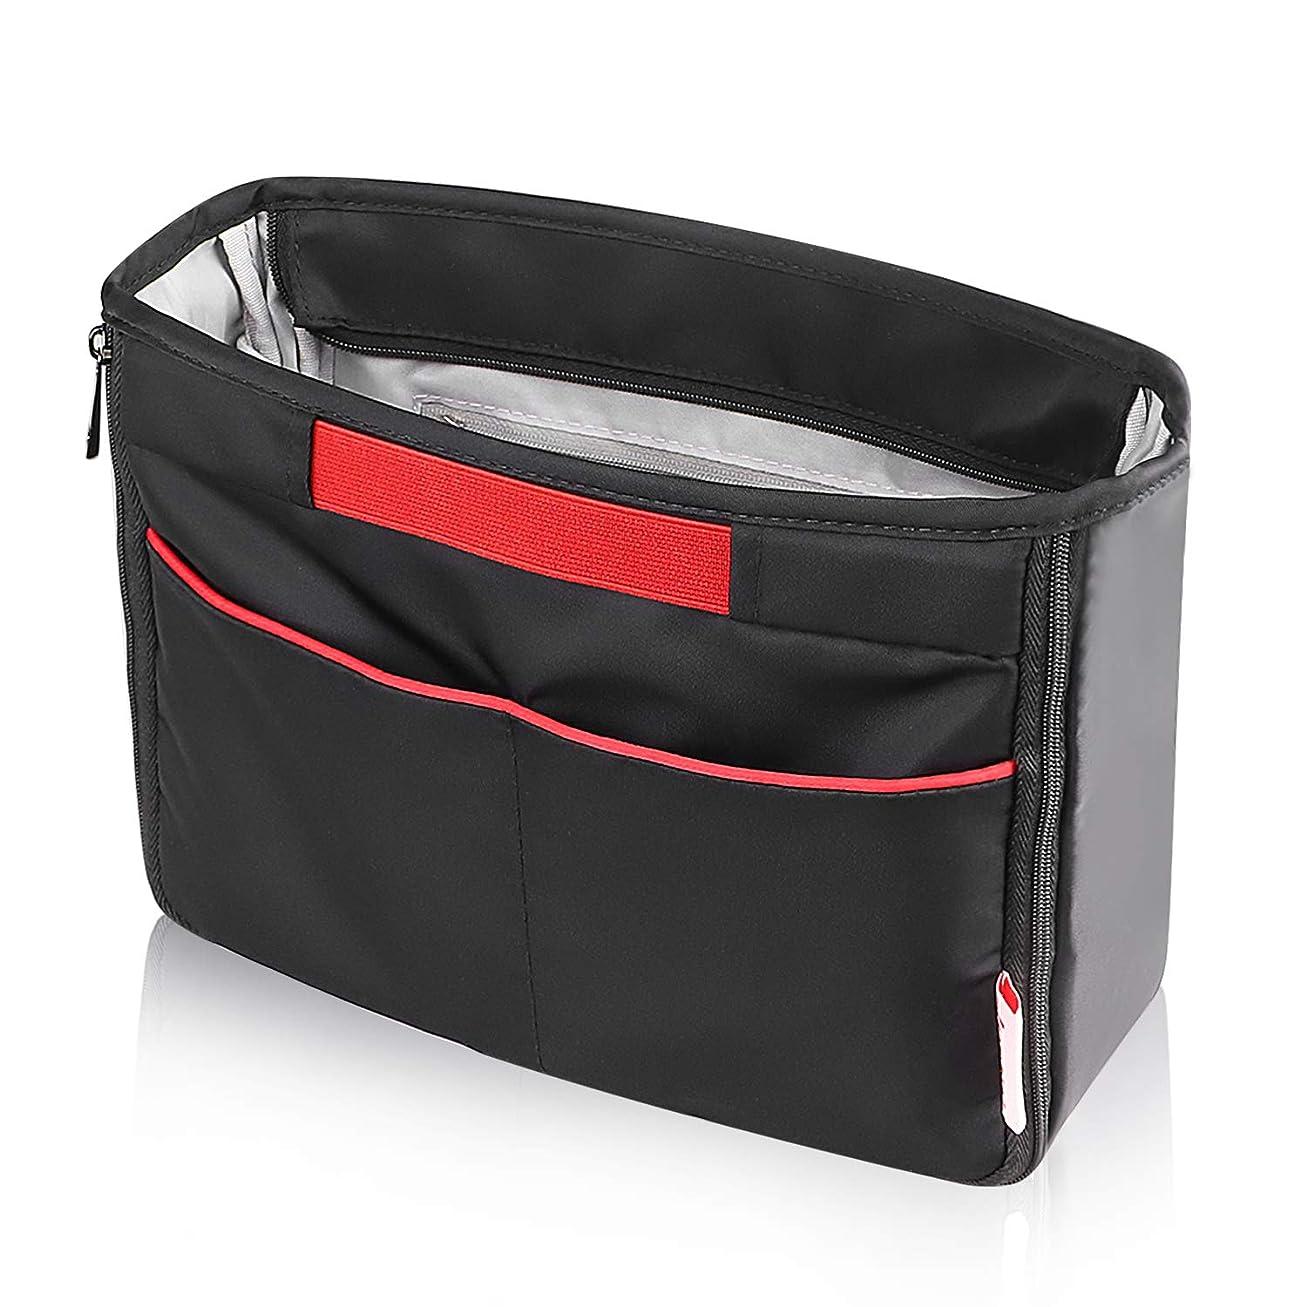 泥沼説教鷲JESWO バッグインバッグ 軽量 インナーバッグ レディース、メンズ バッグの中を整理整頓 バックインバック 出勤 ツールペンスタンド A4 整理 仕切り 黒